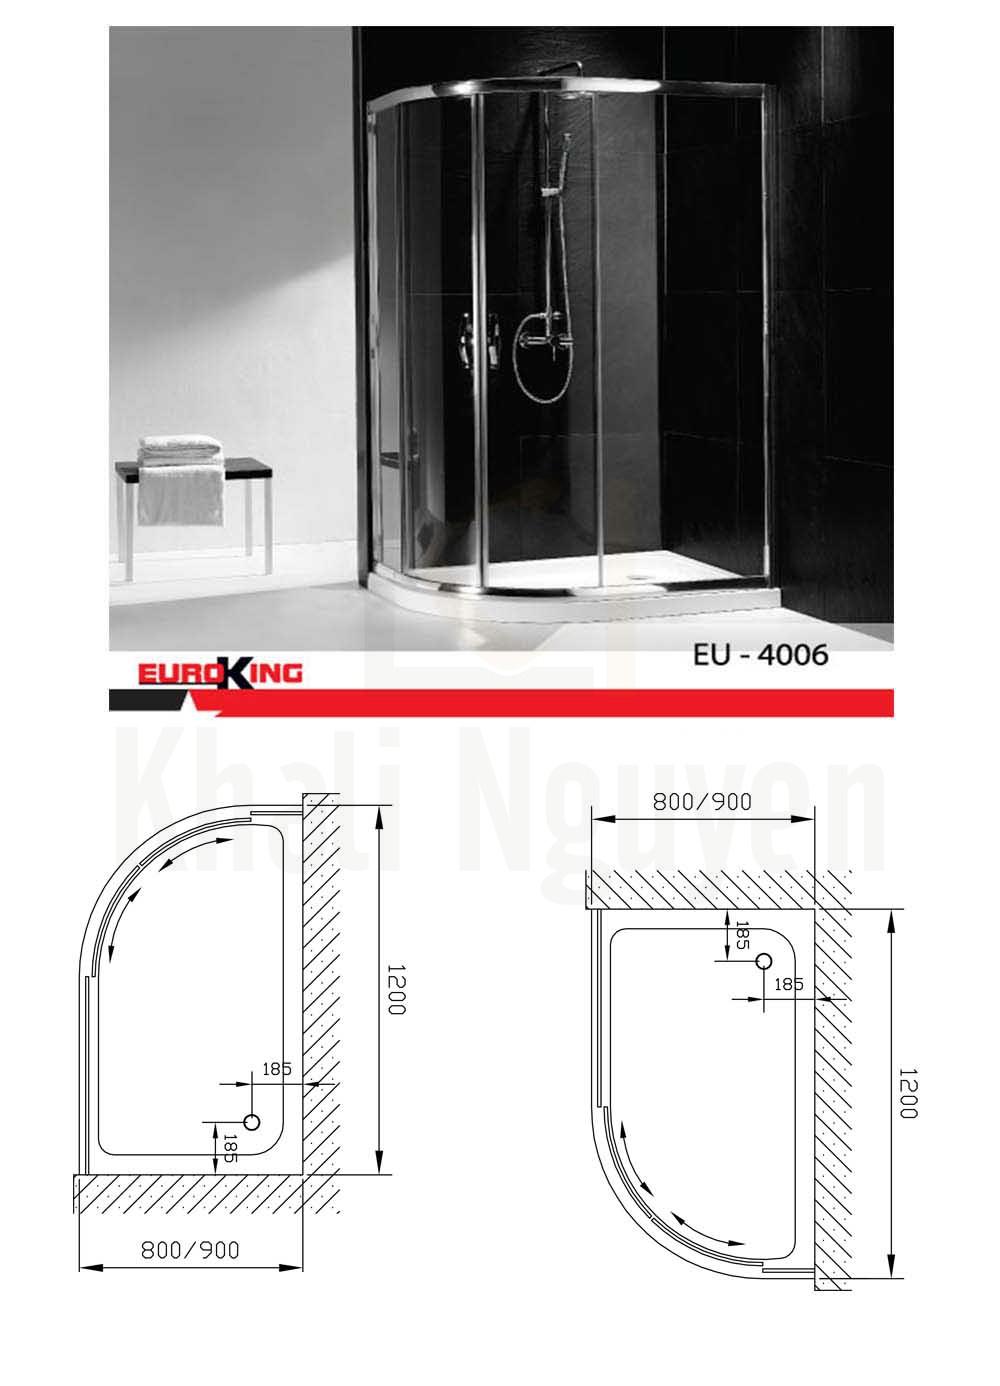 Bản vẽ kỹ thuật Phòng tắm vách Euroking kính EU-4006